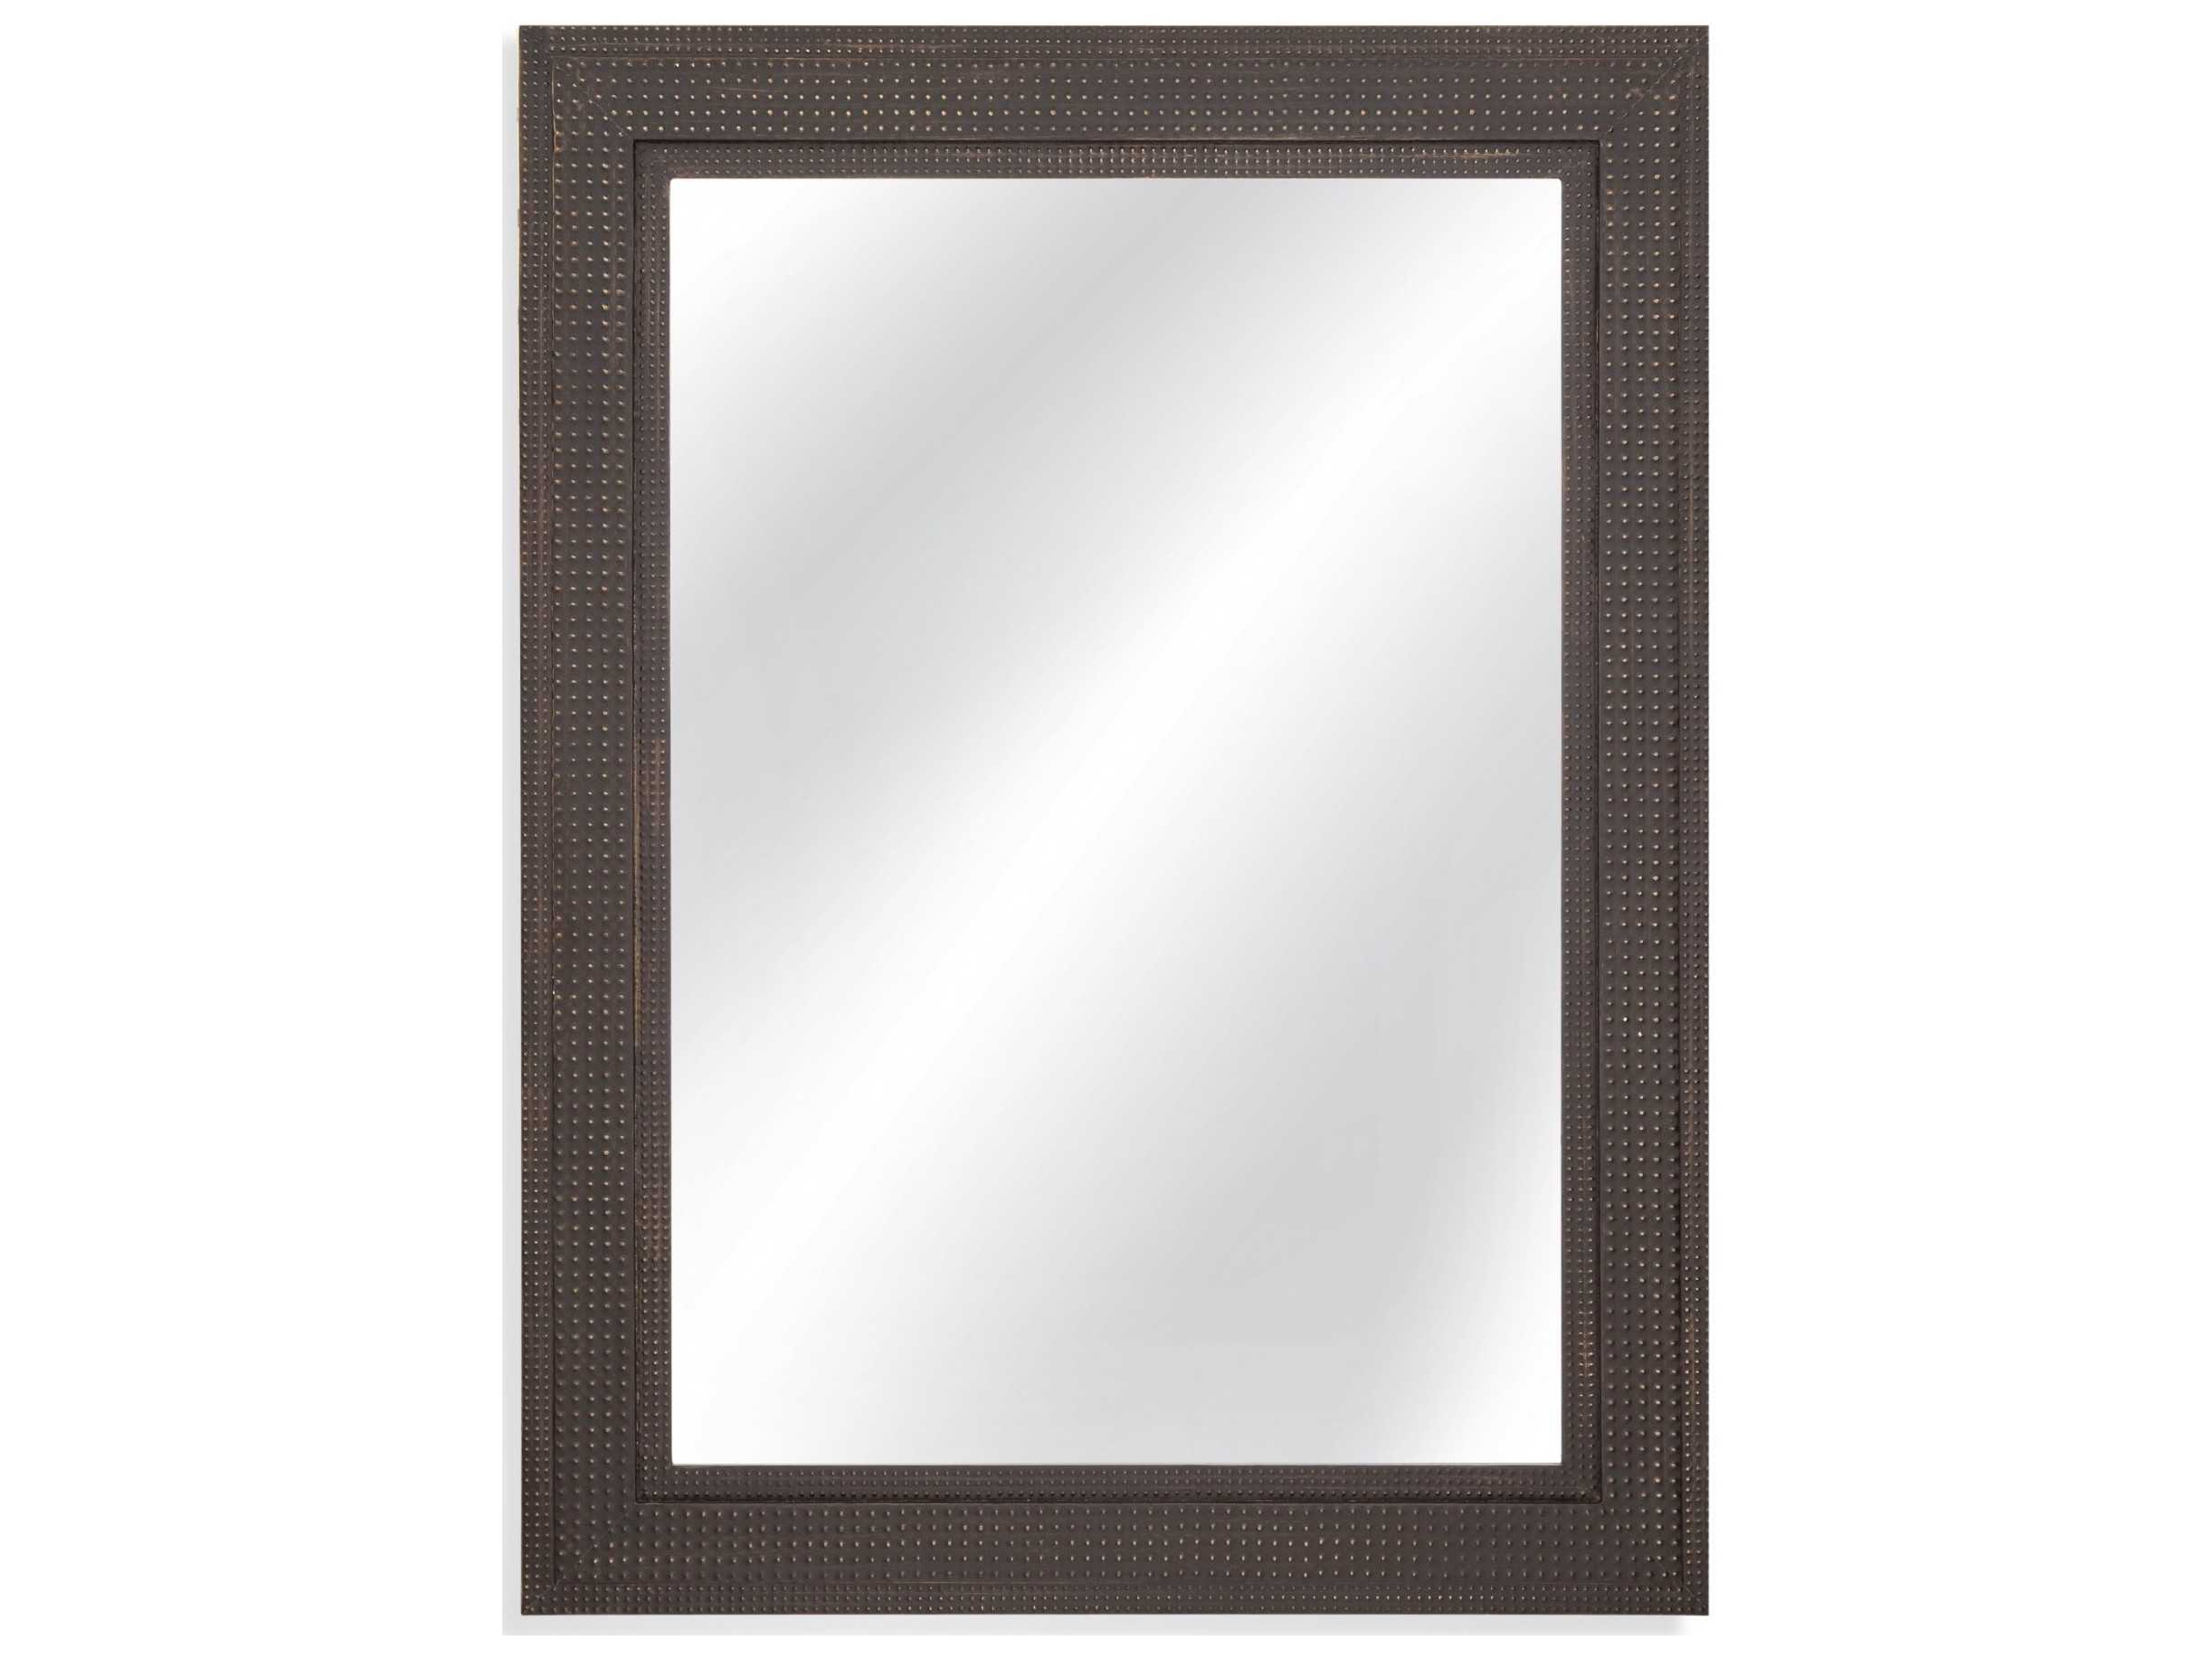 Bassett mirror belgian luxe 36 x 48 ellison wall mirror for Mirror 48 x 36